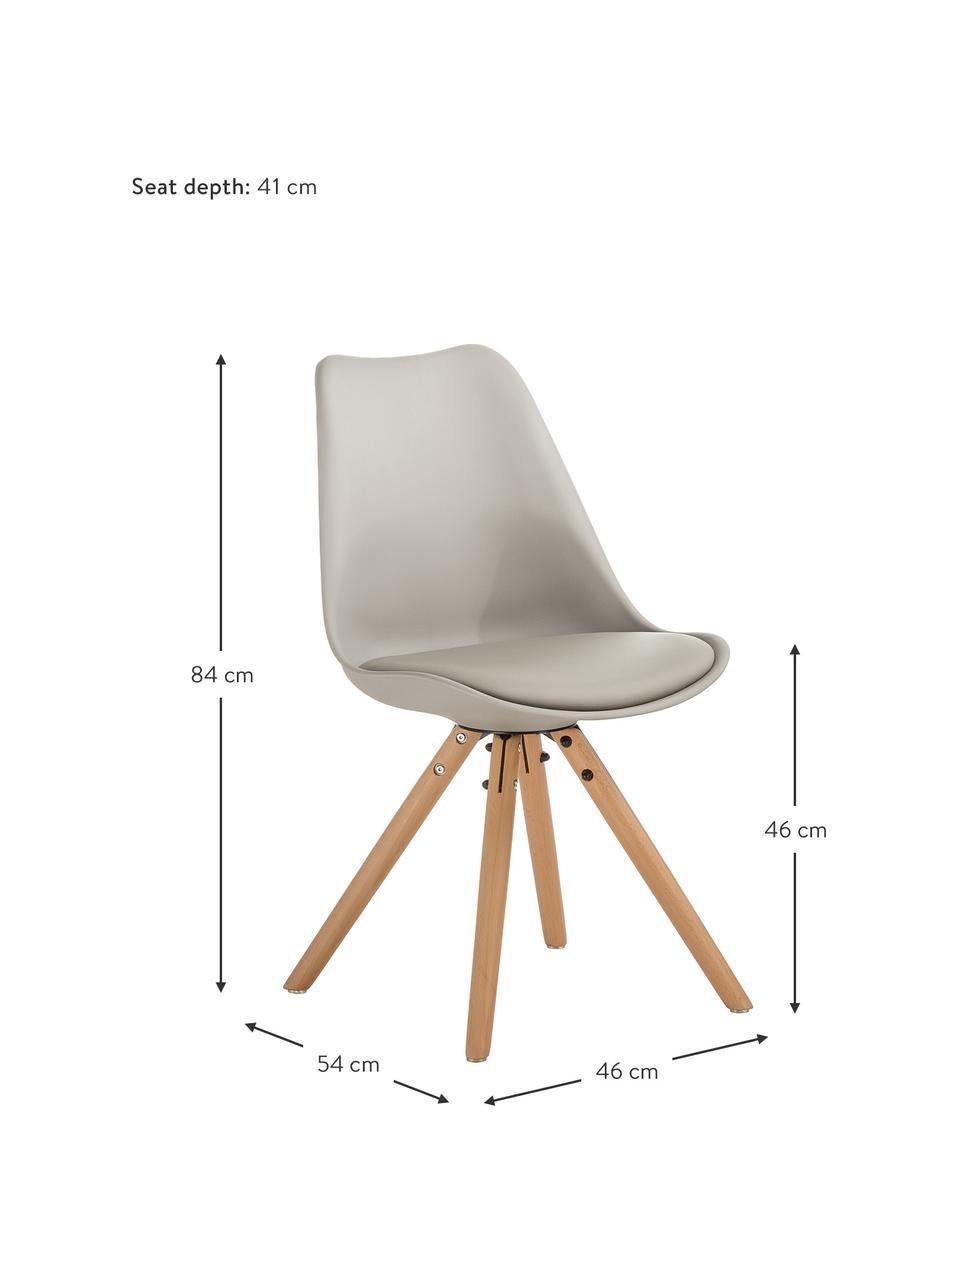 Stoelen Max, 2 stuks, Zitvlak: kunstleer (polyurethaan), Zitvlak: kunststof, Poten: beukenhout, Beigegrijs, B 46 x D 54 cm